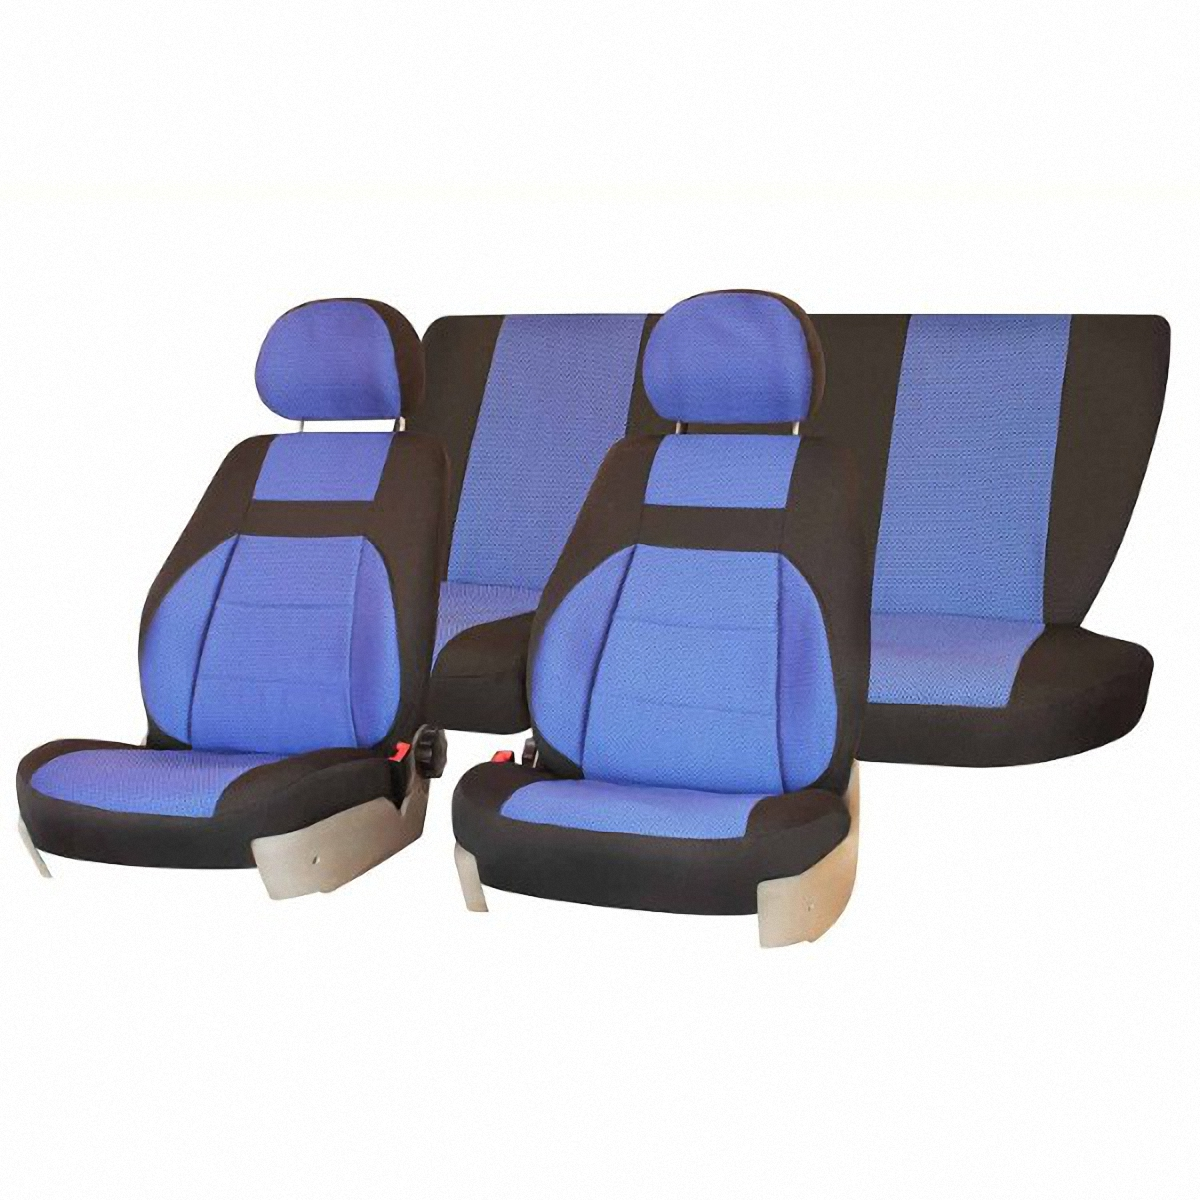 Чехлы автомобильные Skyway, для ВАЗ-2107, цвет: синий, черный авто ваз 2107 обухов